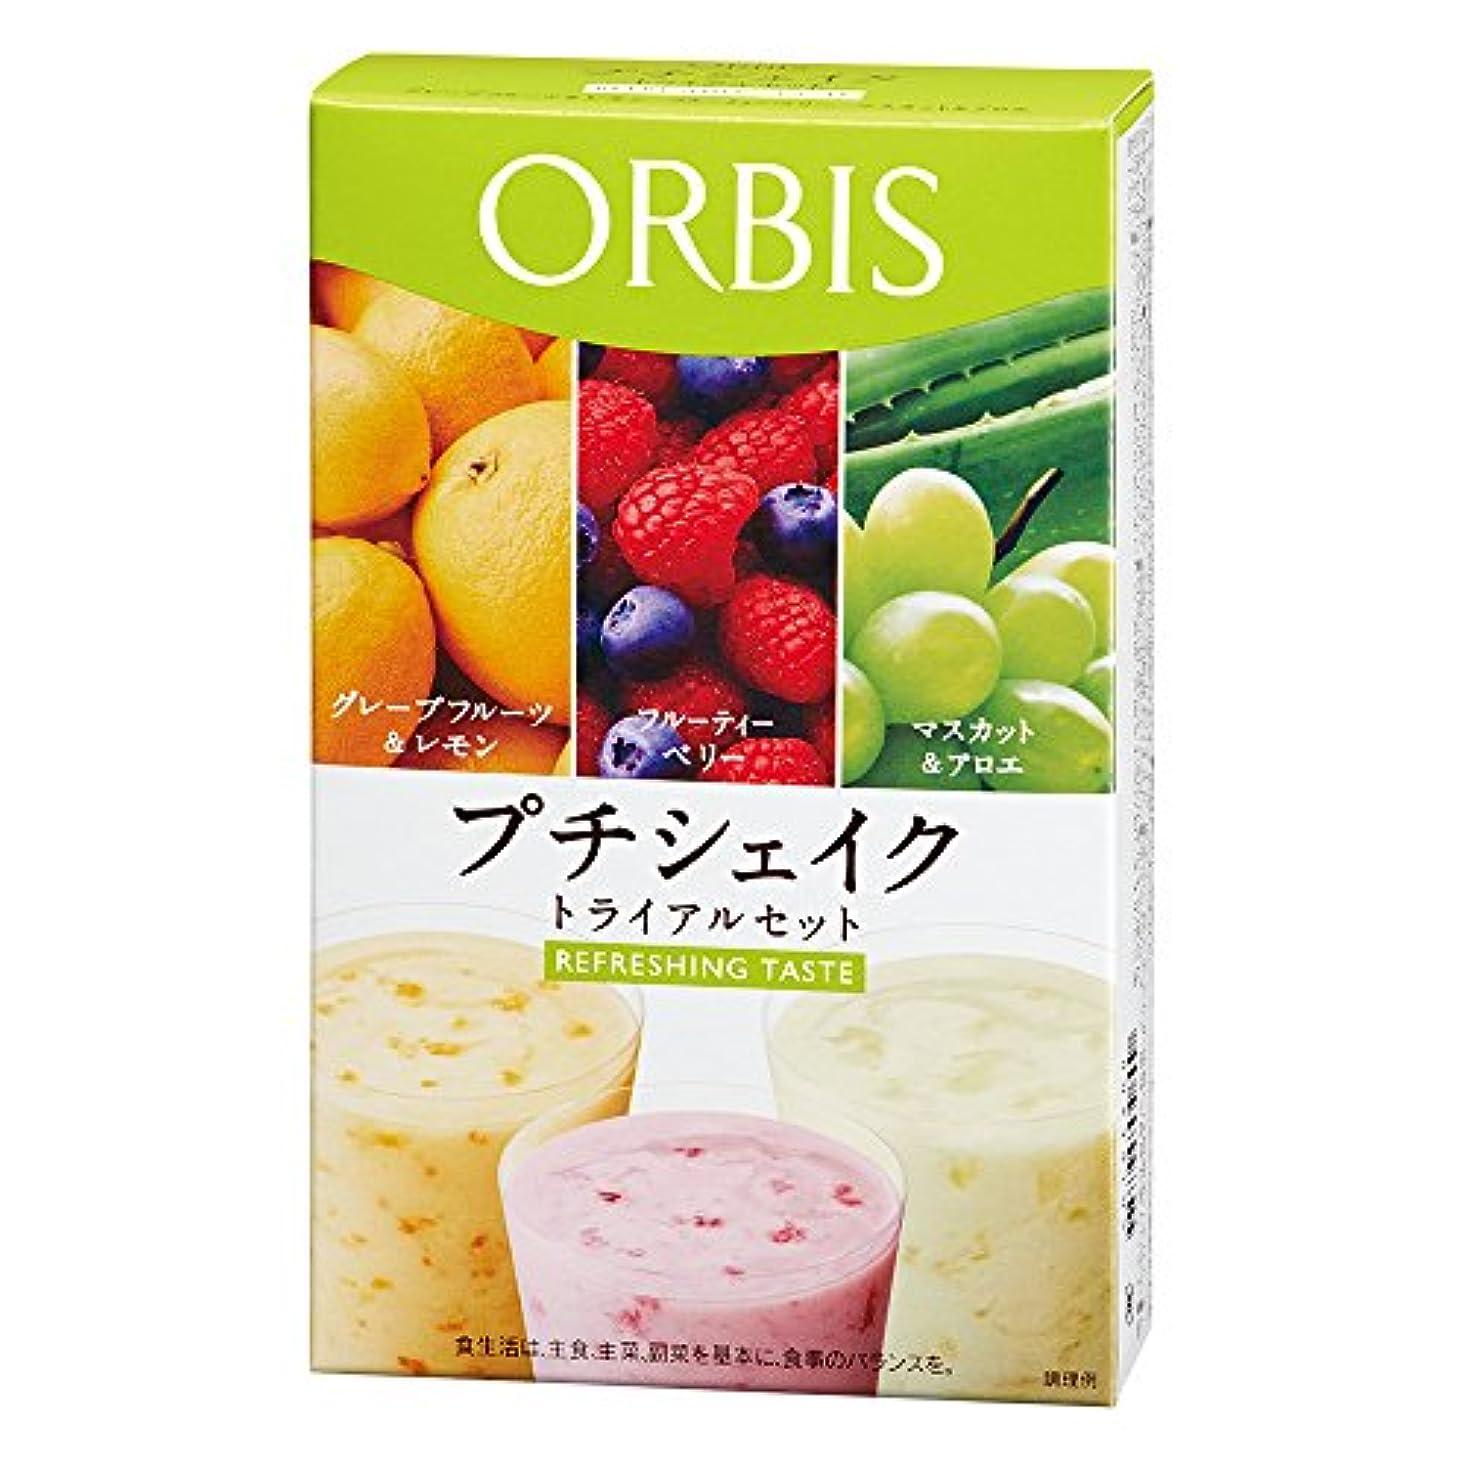 雨聖書ペルーオルビス(ORBIS) プチシェイク トライアルセット リフレッシングテイスト(グレープフルーツ&レモン/フルーティーベリー/マスカット&アロエ) 100g×3食分 ◎ダイエットドリンク?スムージー◎